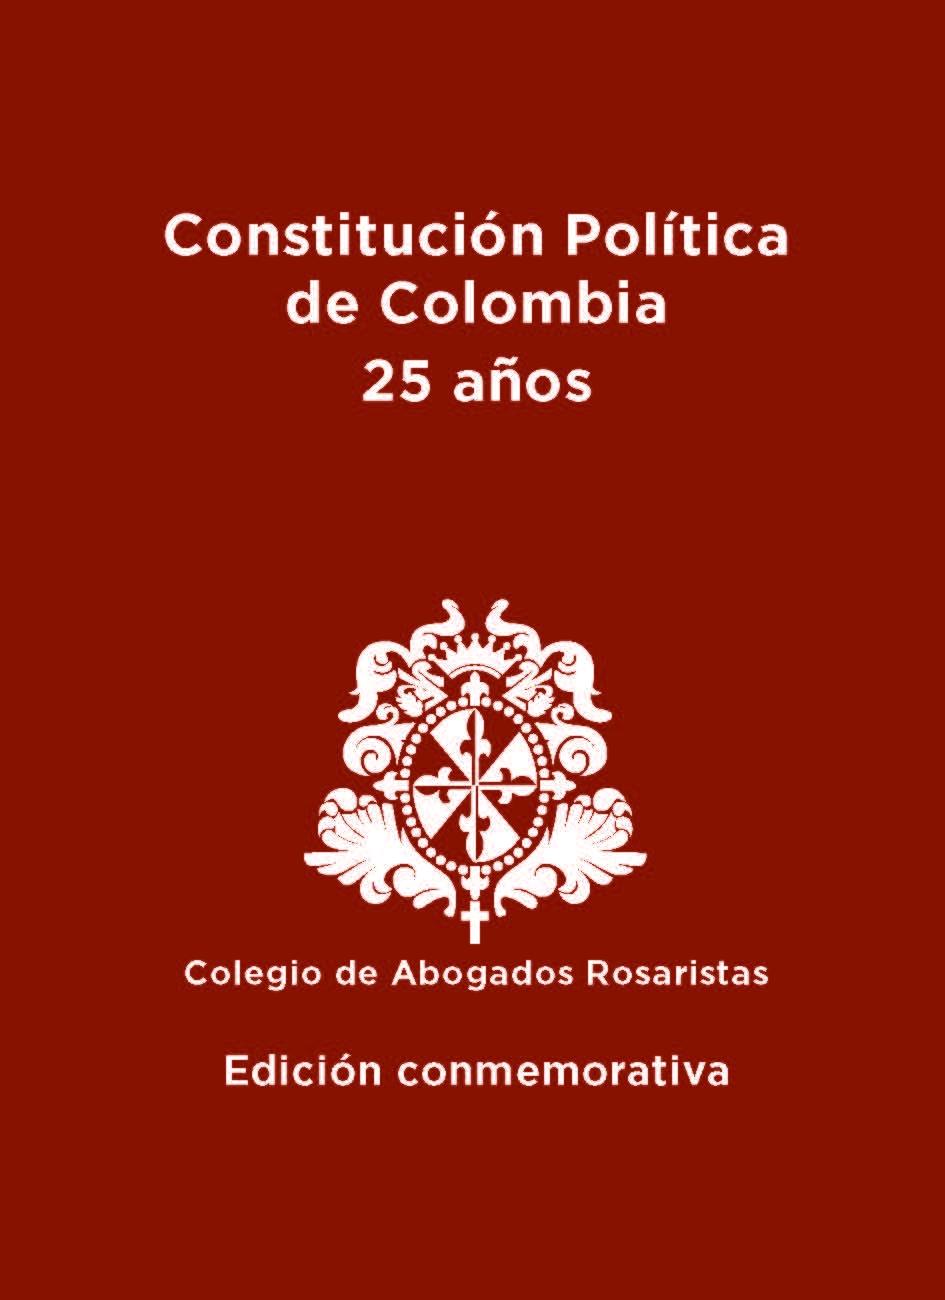 Constitución Política de Colombia 25 años